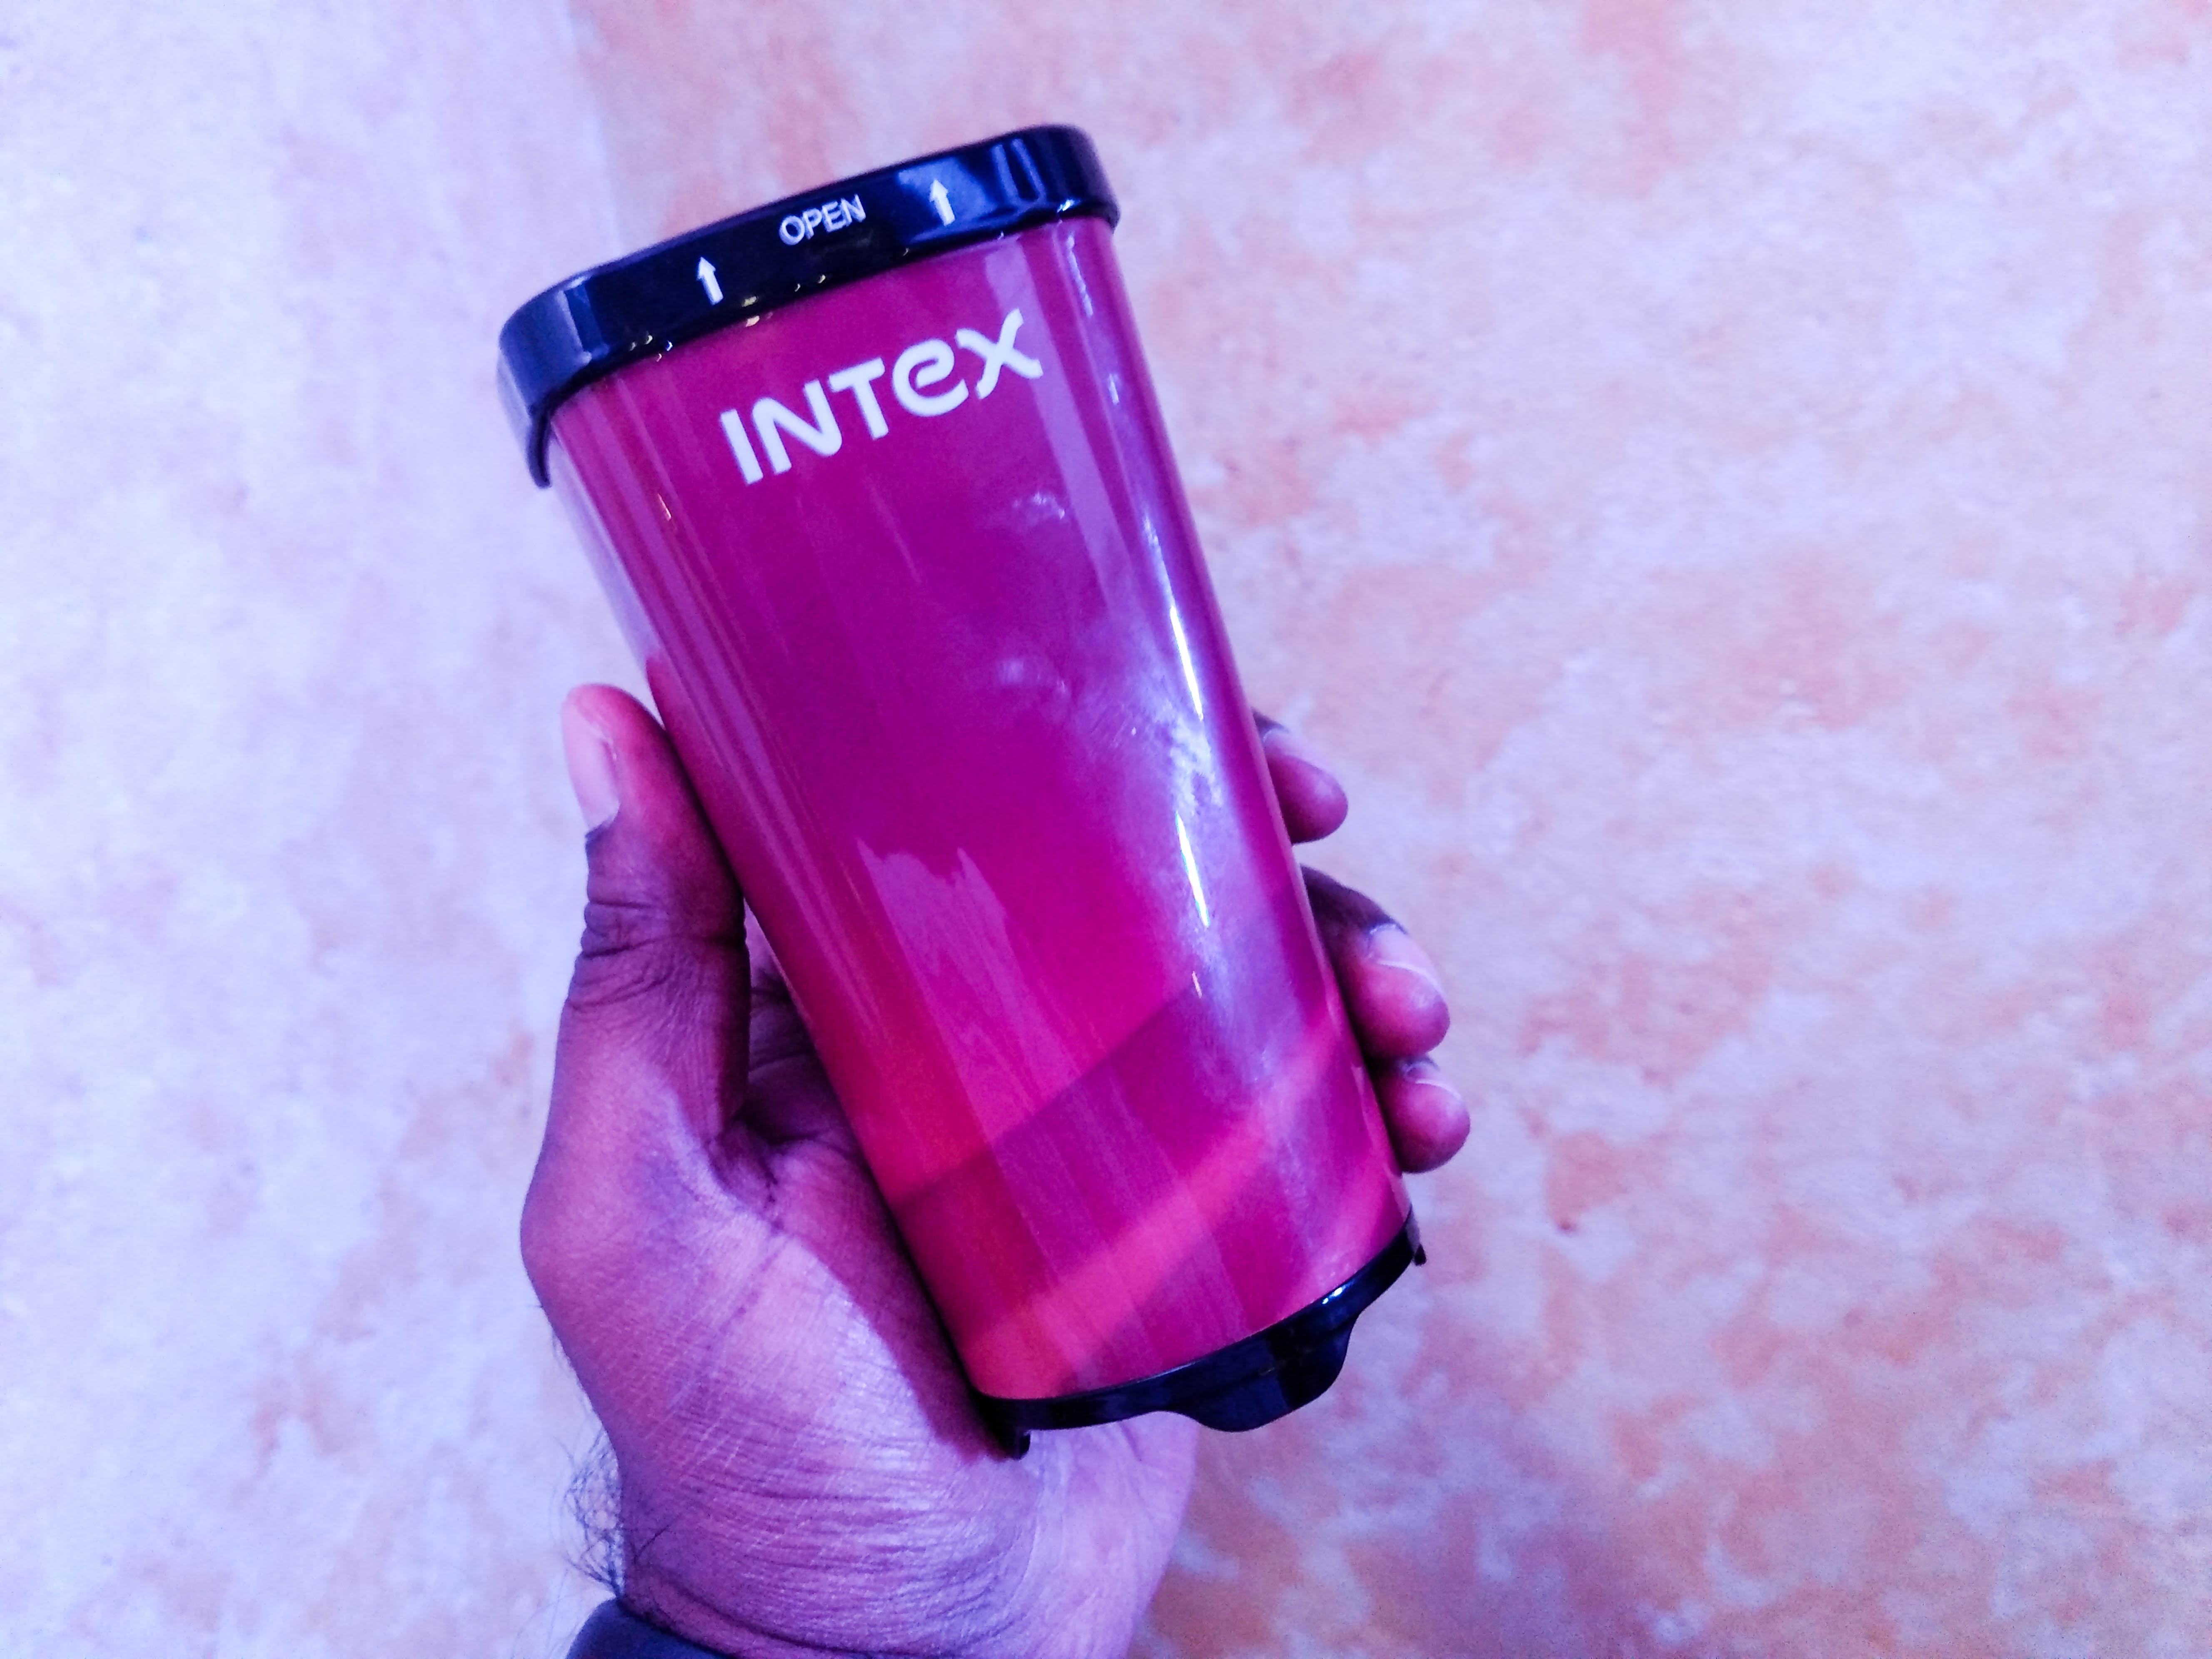 Intex inverter